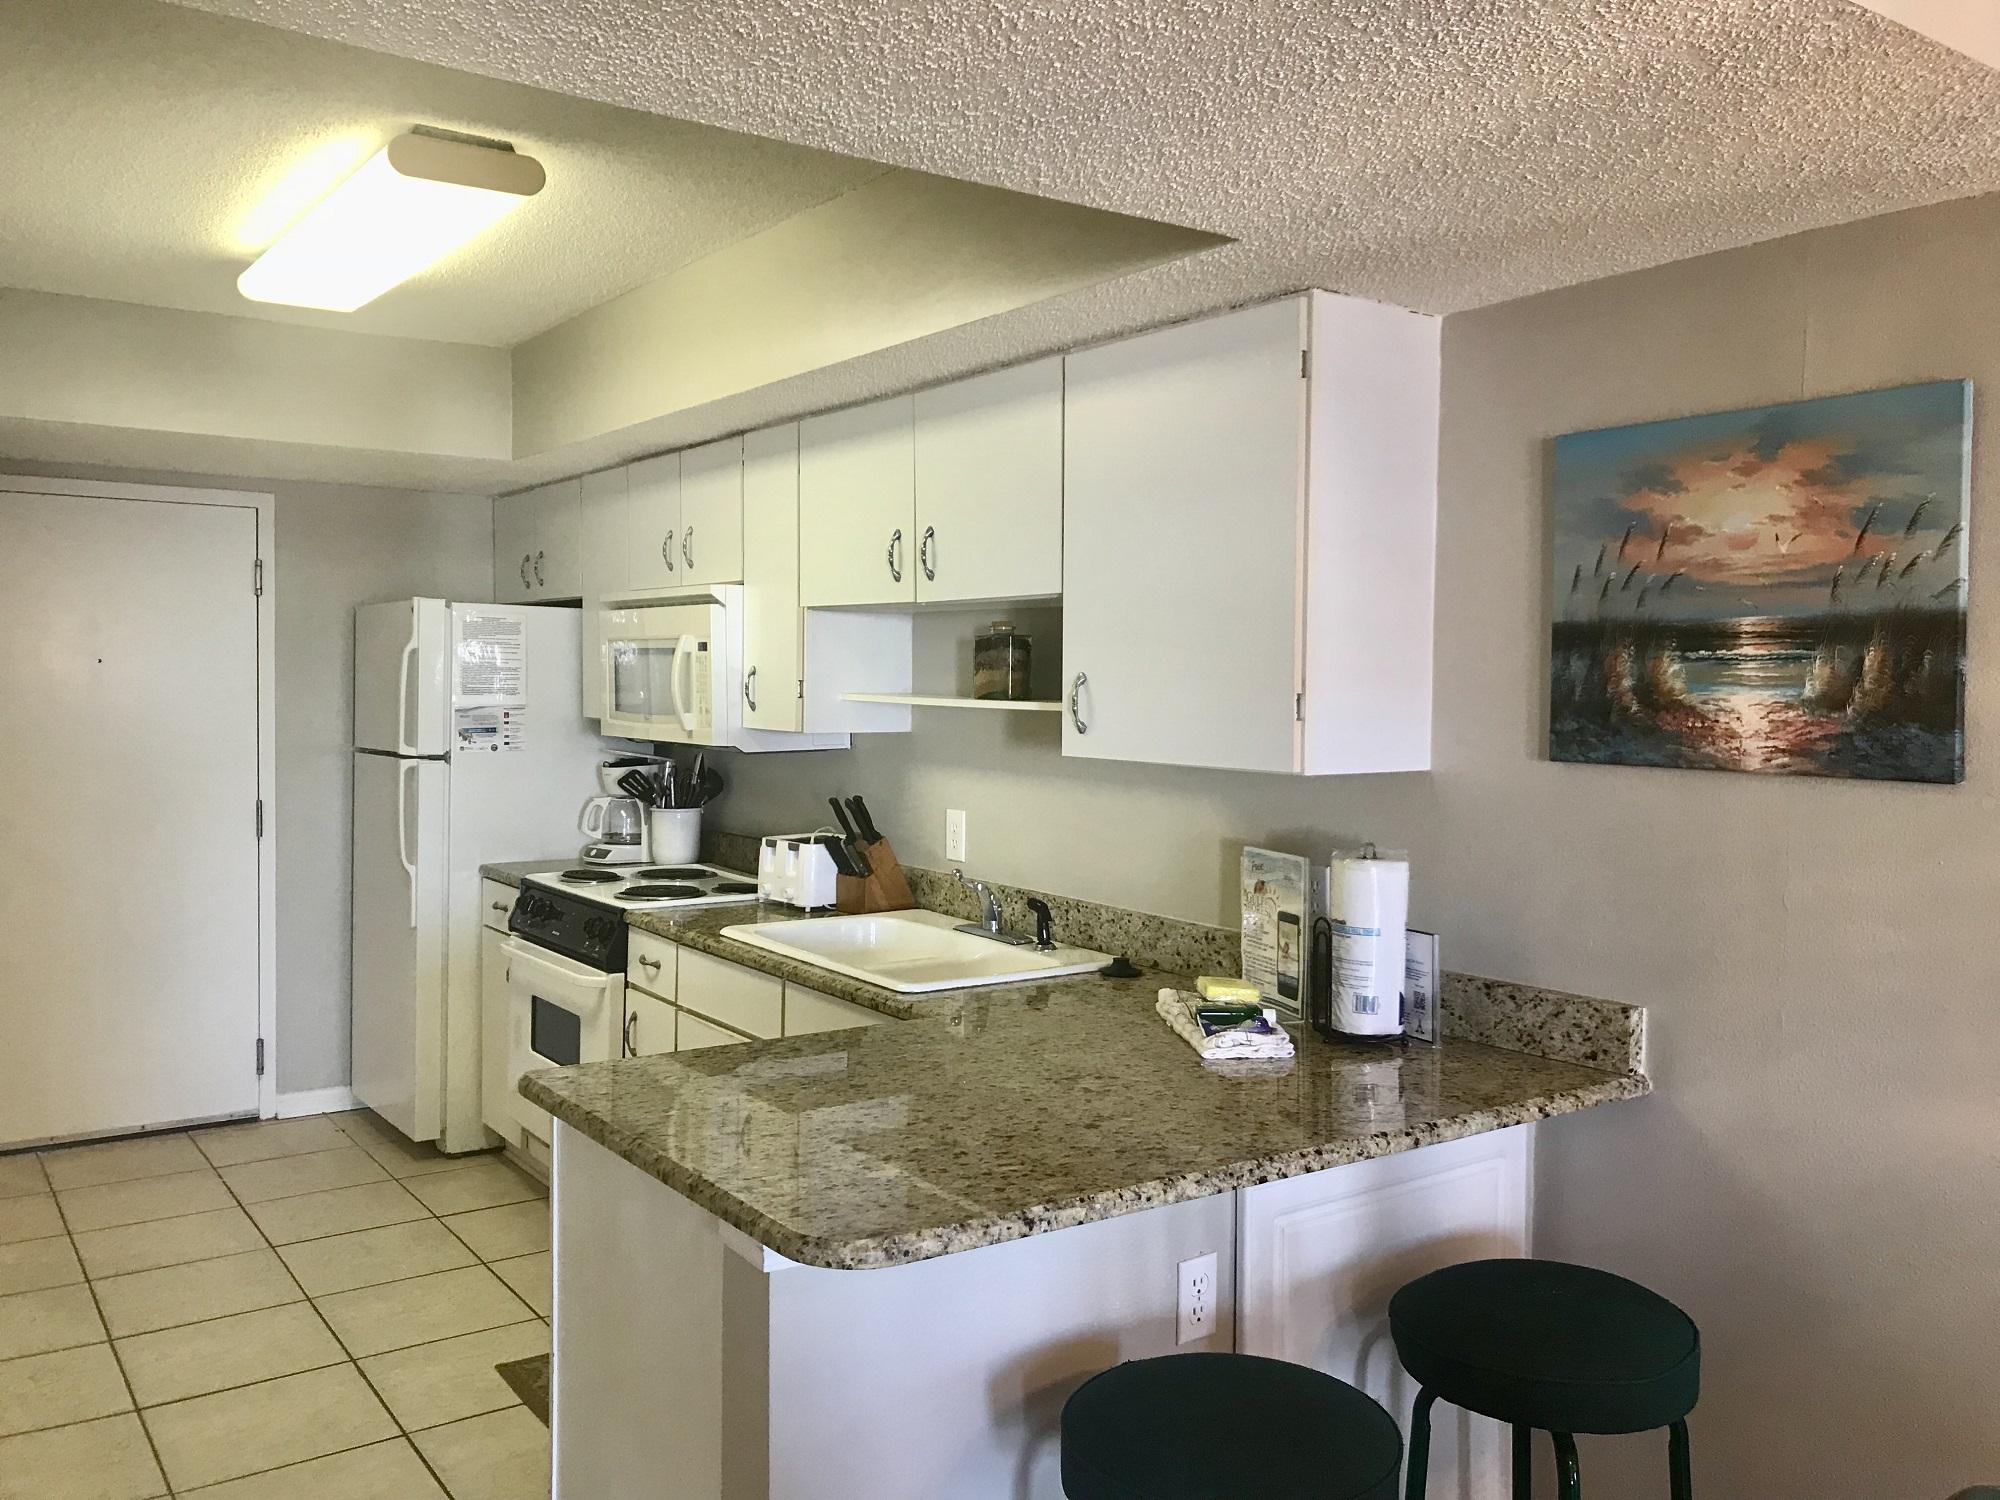 Ocean House 2302 Condo rental in Ocean House - Gulf Shores in Gulf Shores Alabama - #11